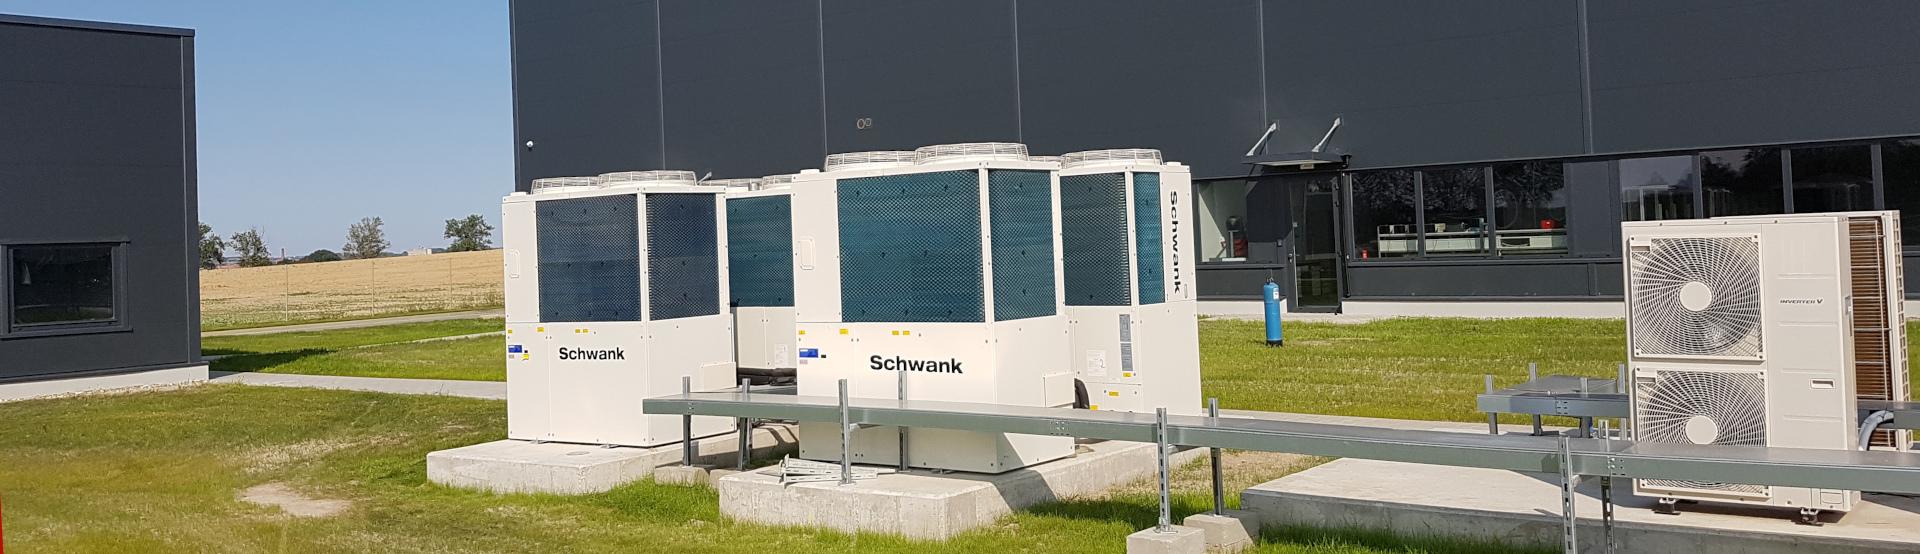 Vier Gaswärmepumpen von Schwank vor einer Halle.